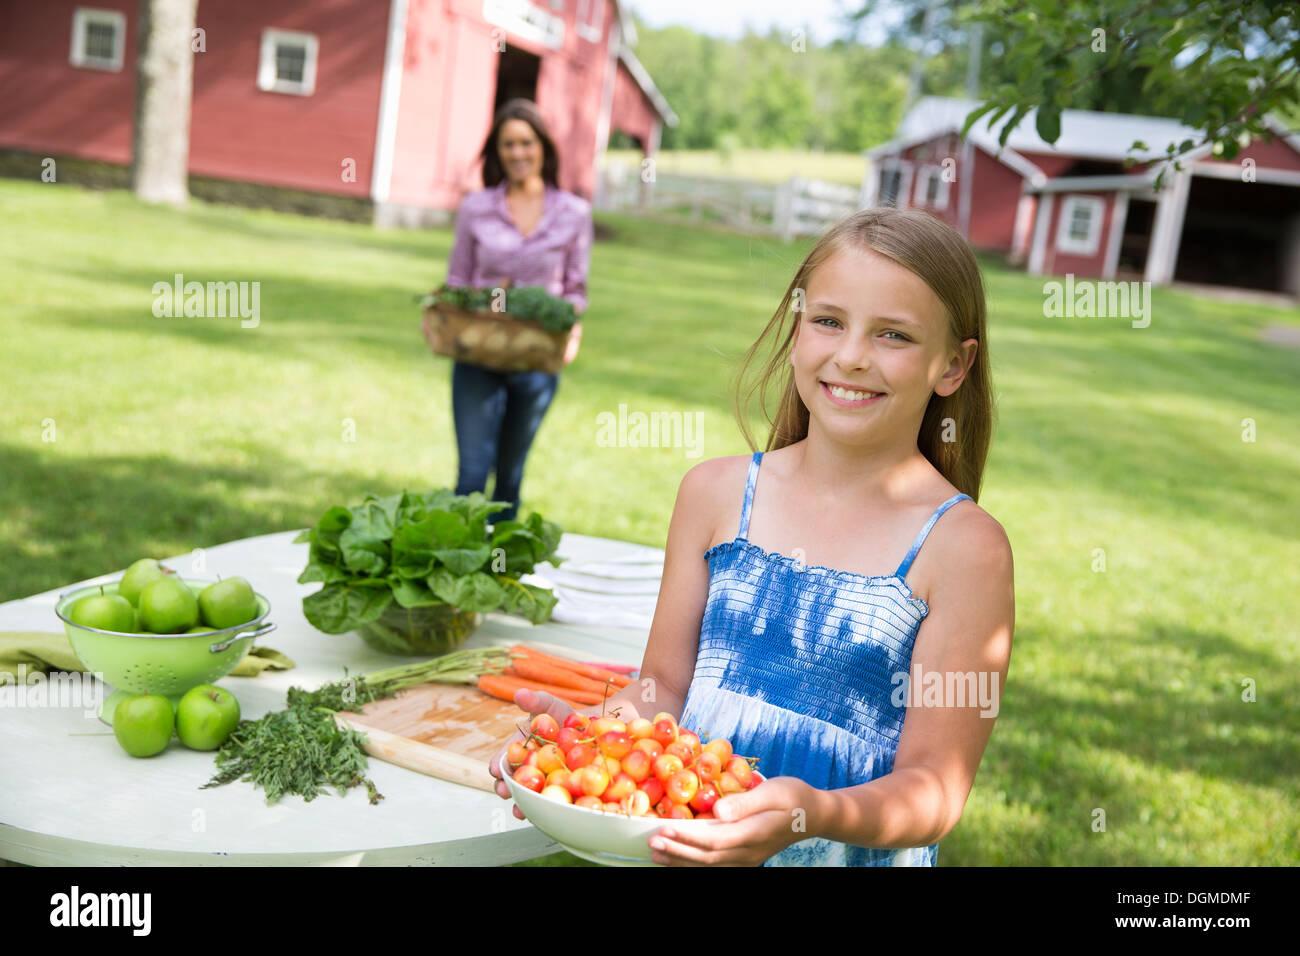 Partie de la famille. Un enfant portant un bol de cerises cueillies fraîches à une table du buffet. Photo Stock